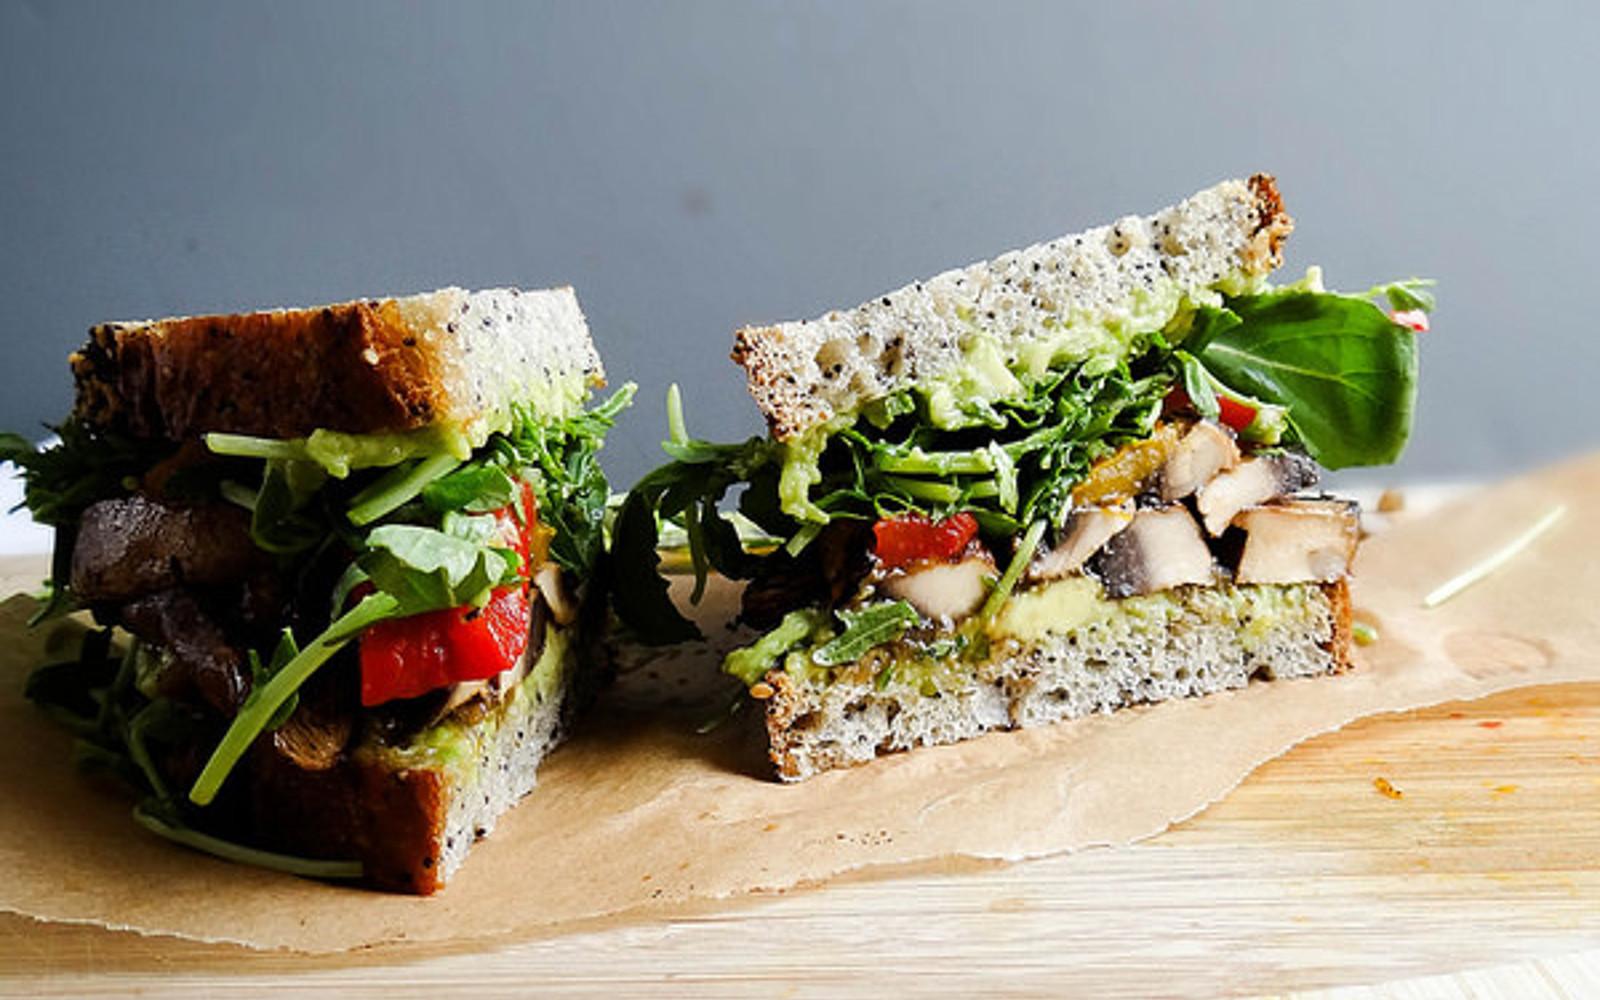 Smoky Portobello Bacon and Avocado Sandwich